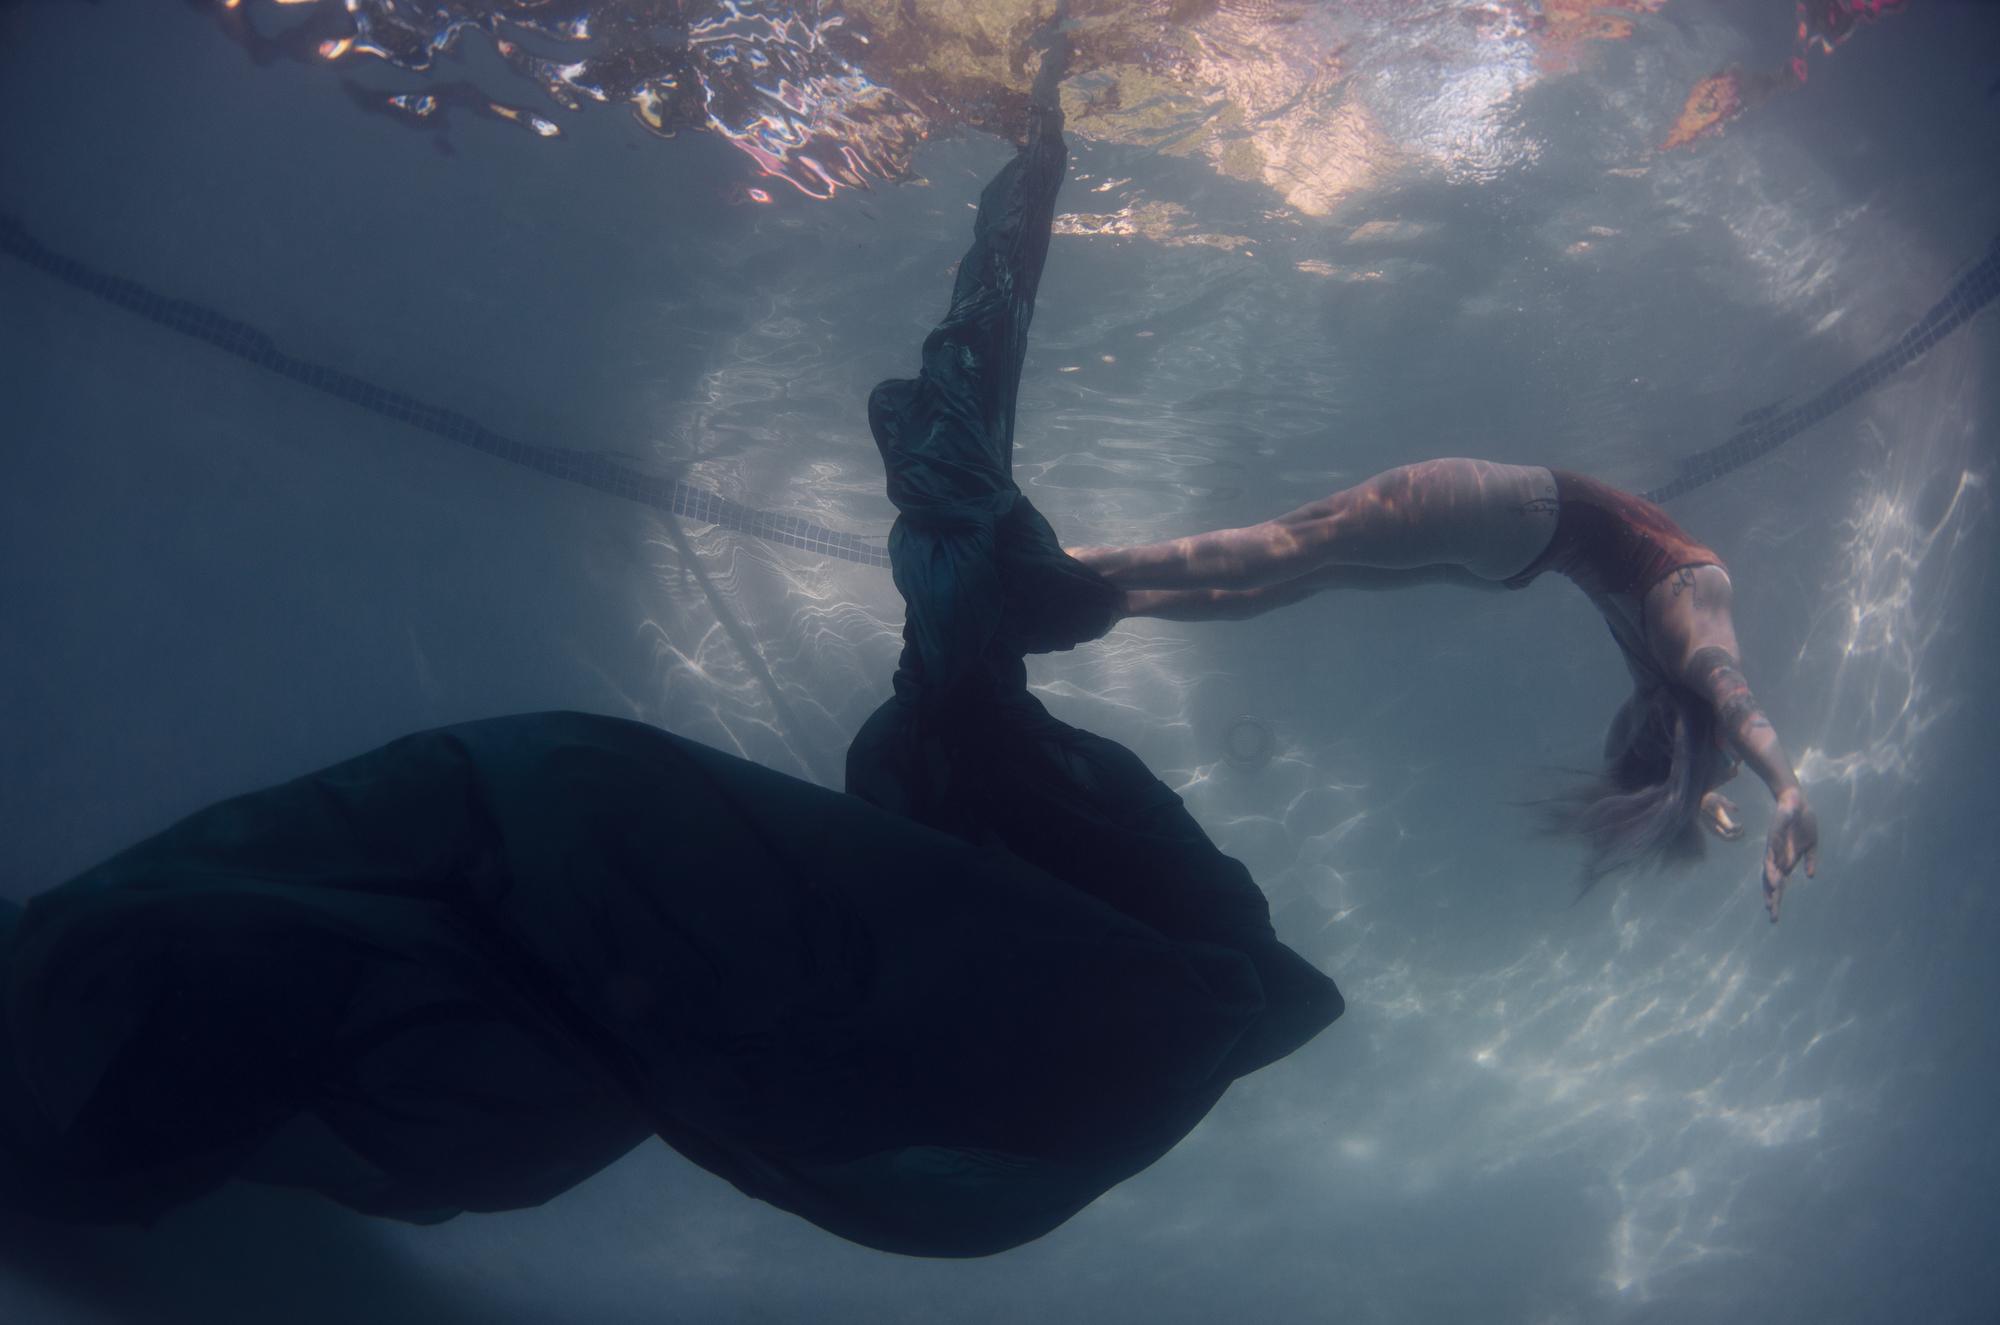 Dana underwater silks13659.JPG